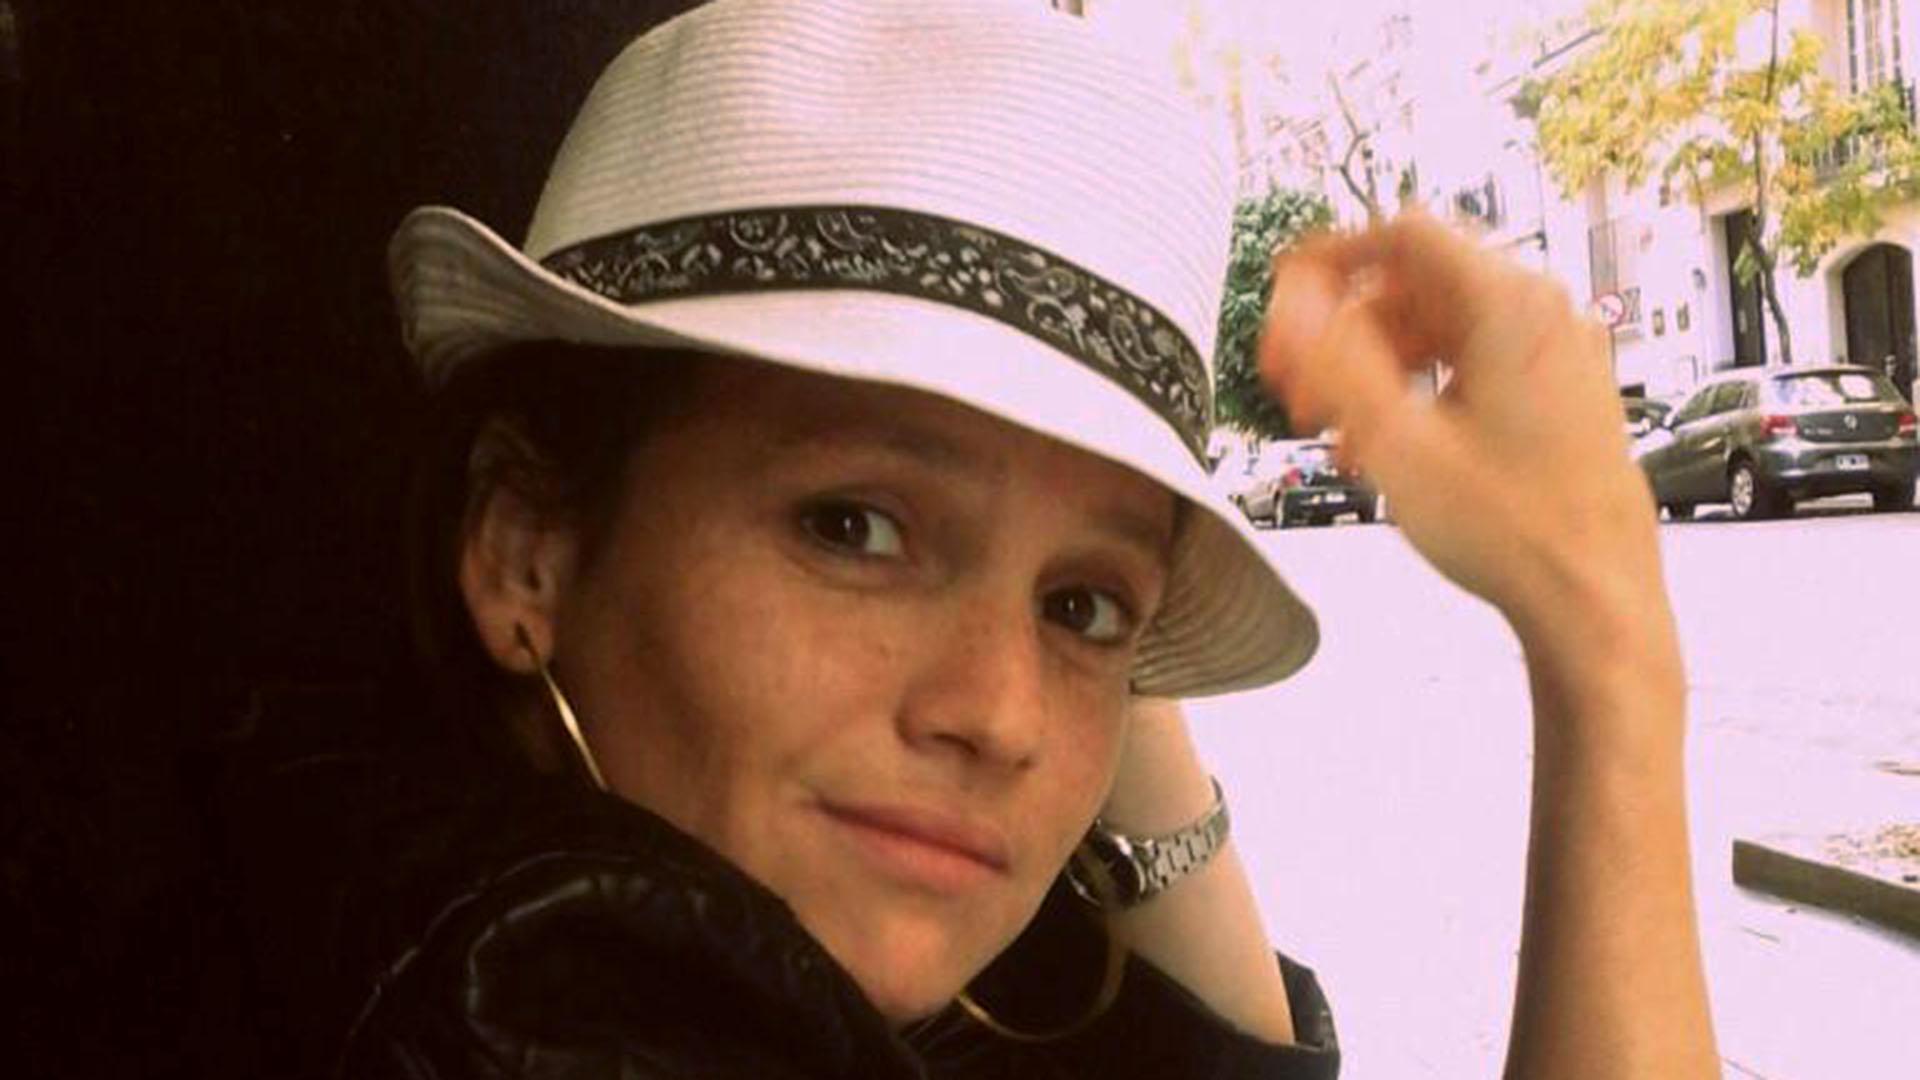 Inés se había mudado a un departamento en Río de Janiero al 200, en Caballito, y se mostraba contenta con su nueva vida. Muchos de sus amigos se sorprendieron ante el trágico desenlace